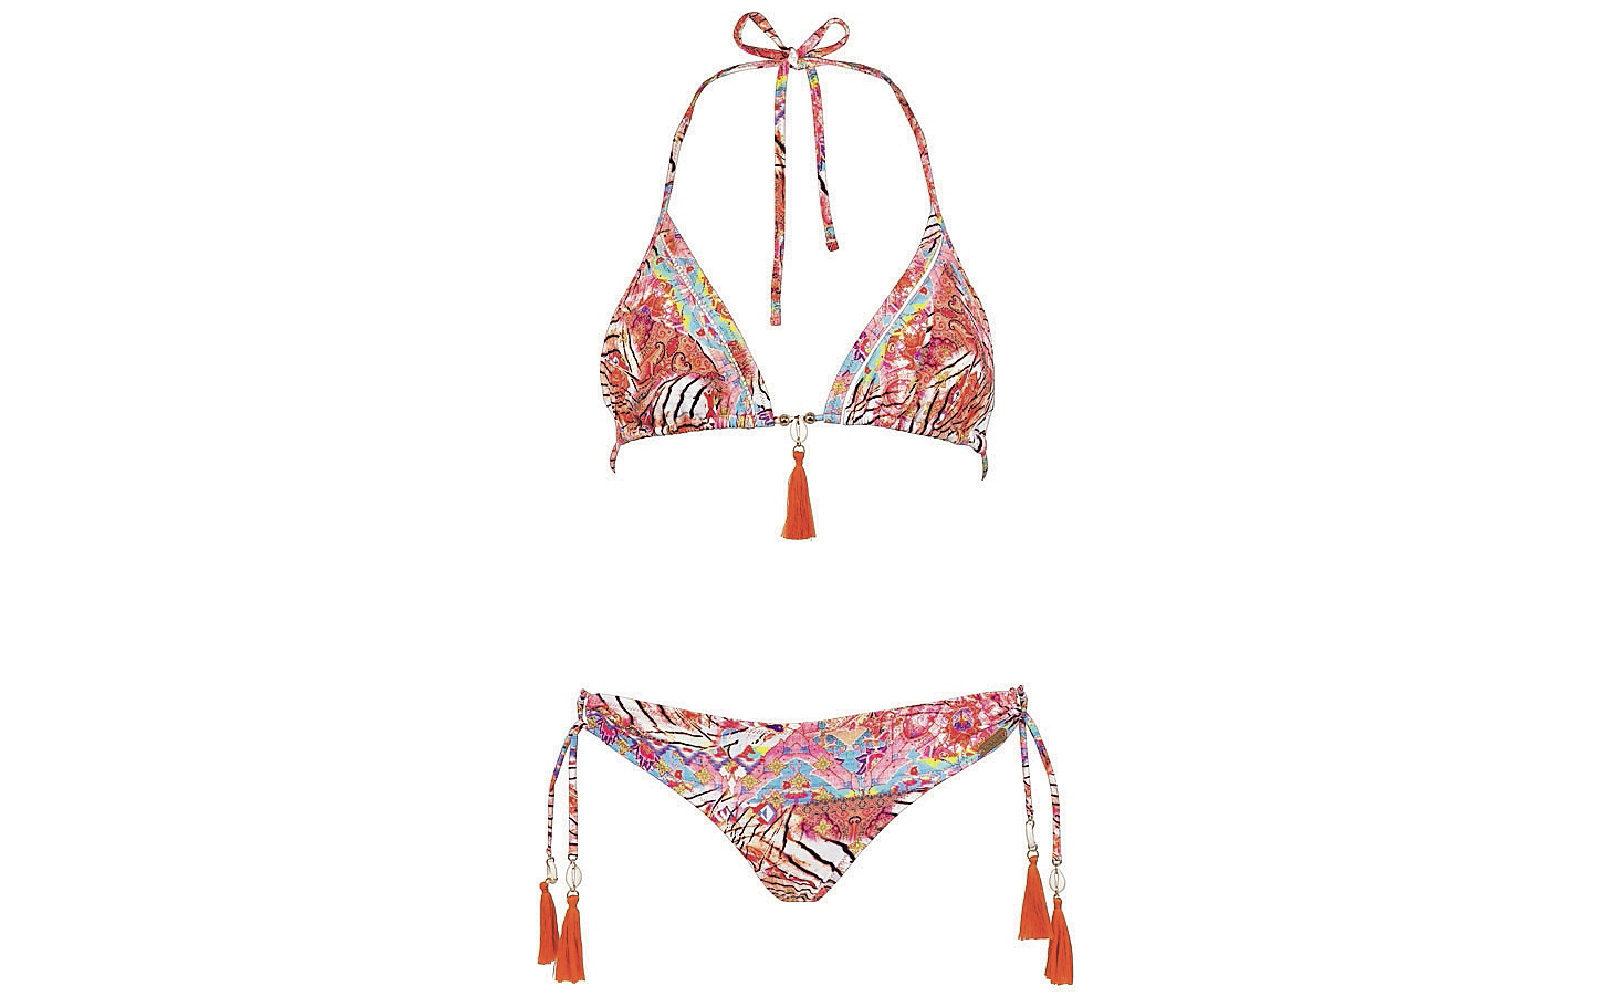 Con fantasie etniche e toni pastello il bikini stretto da laccetti e nappine arancio Watercult (90 euro).